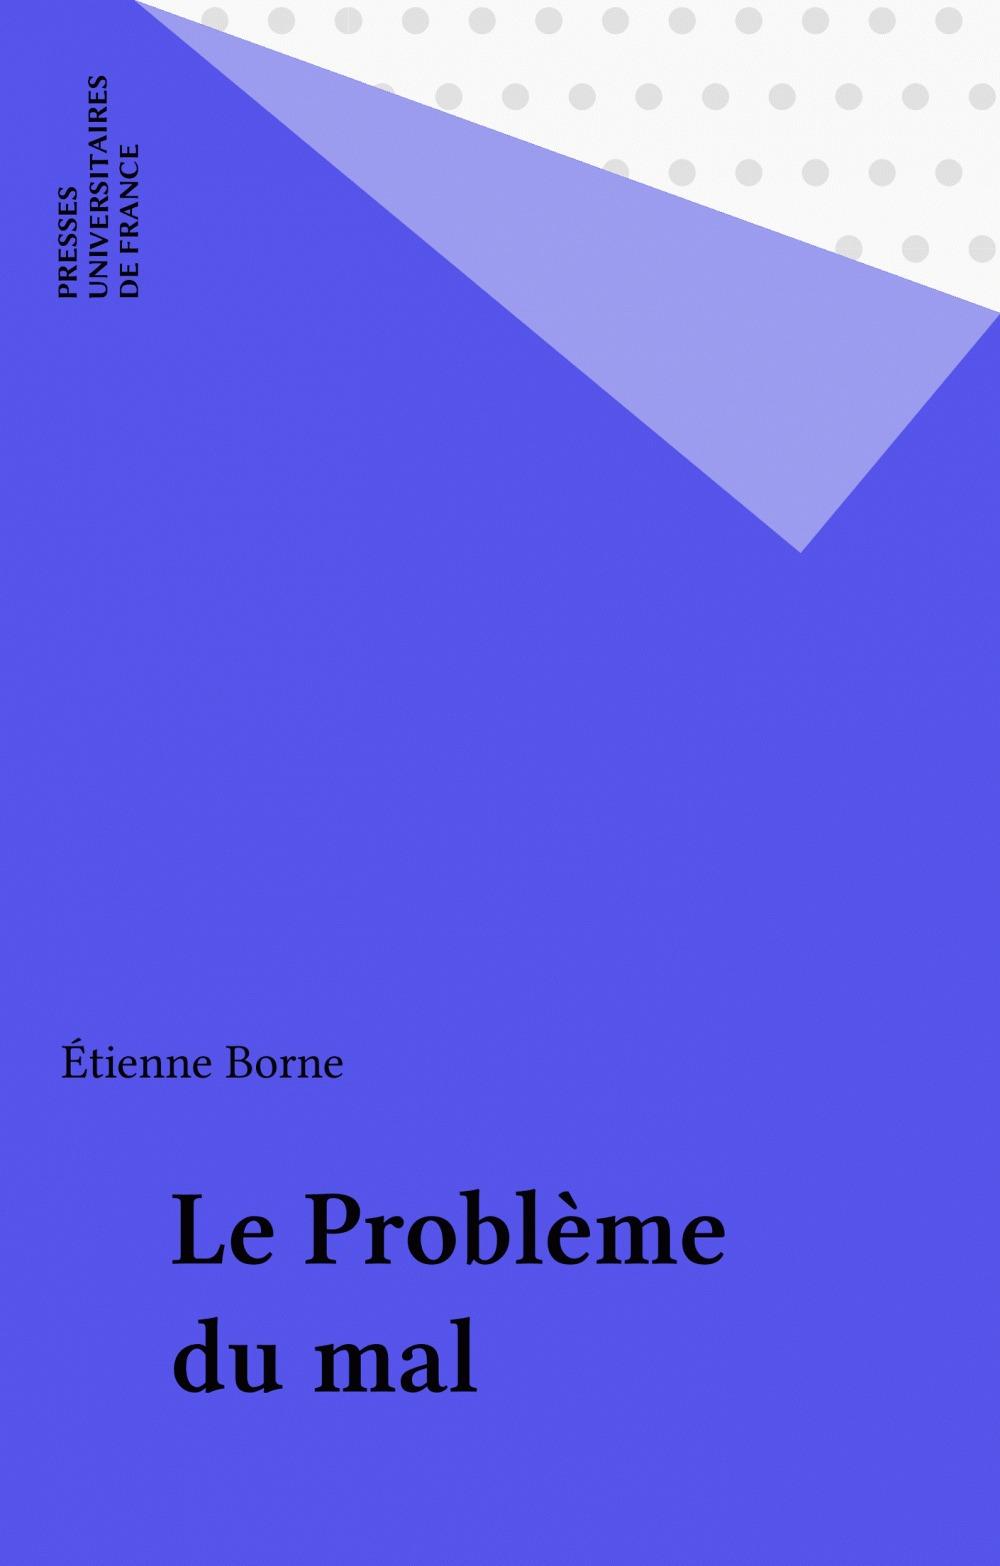 Le Problème du mal